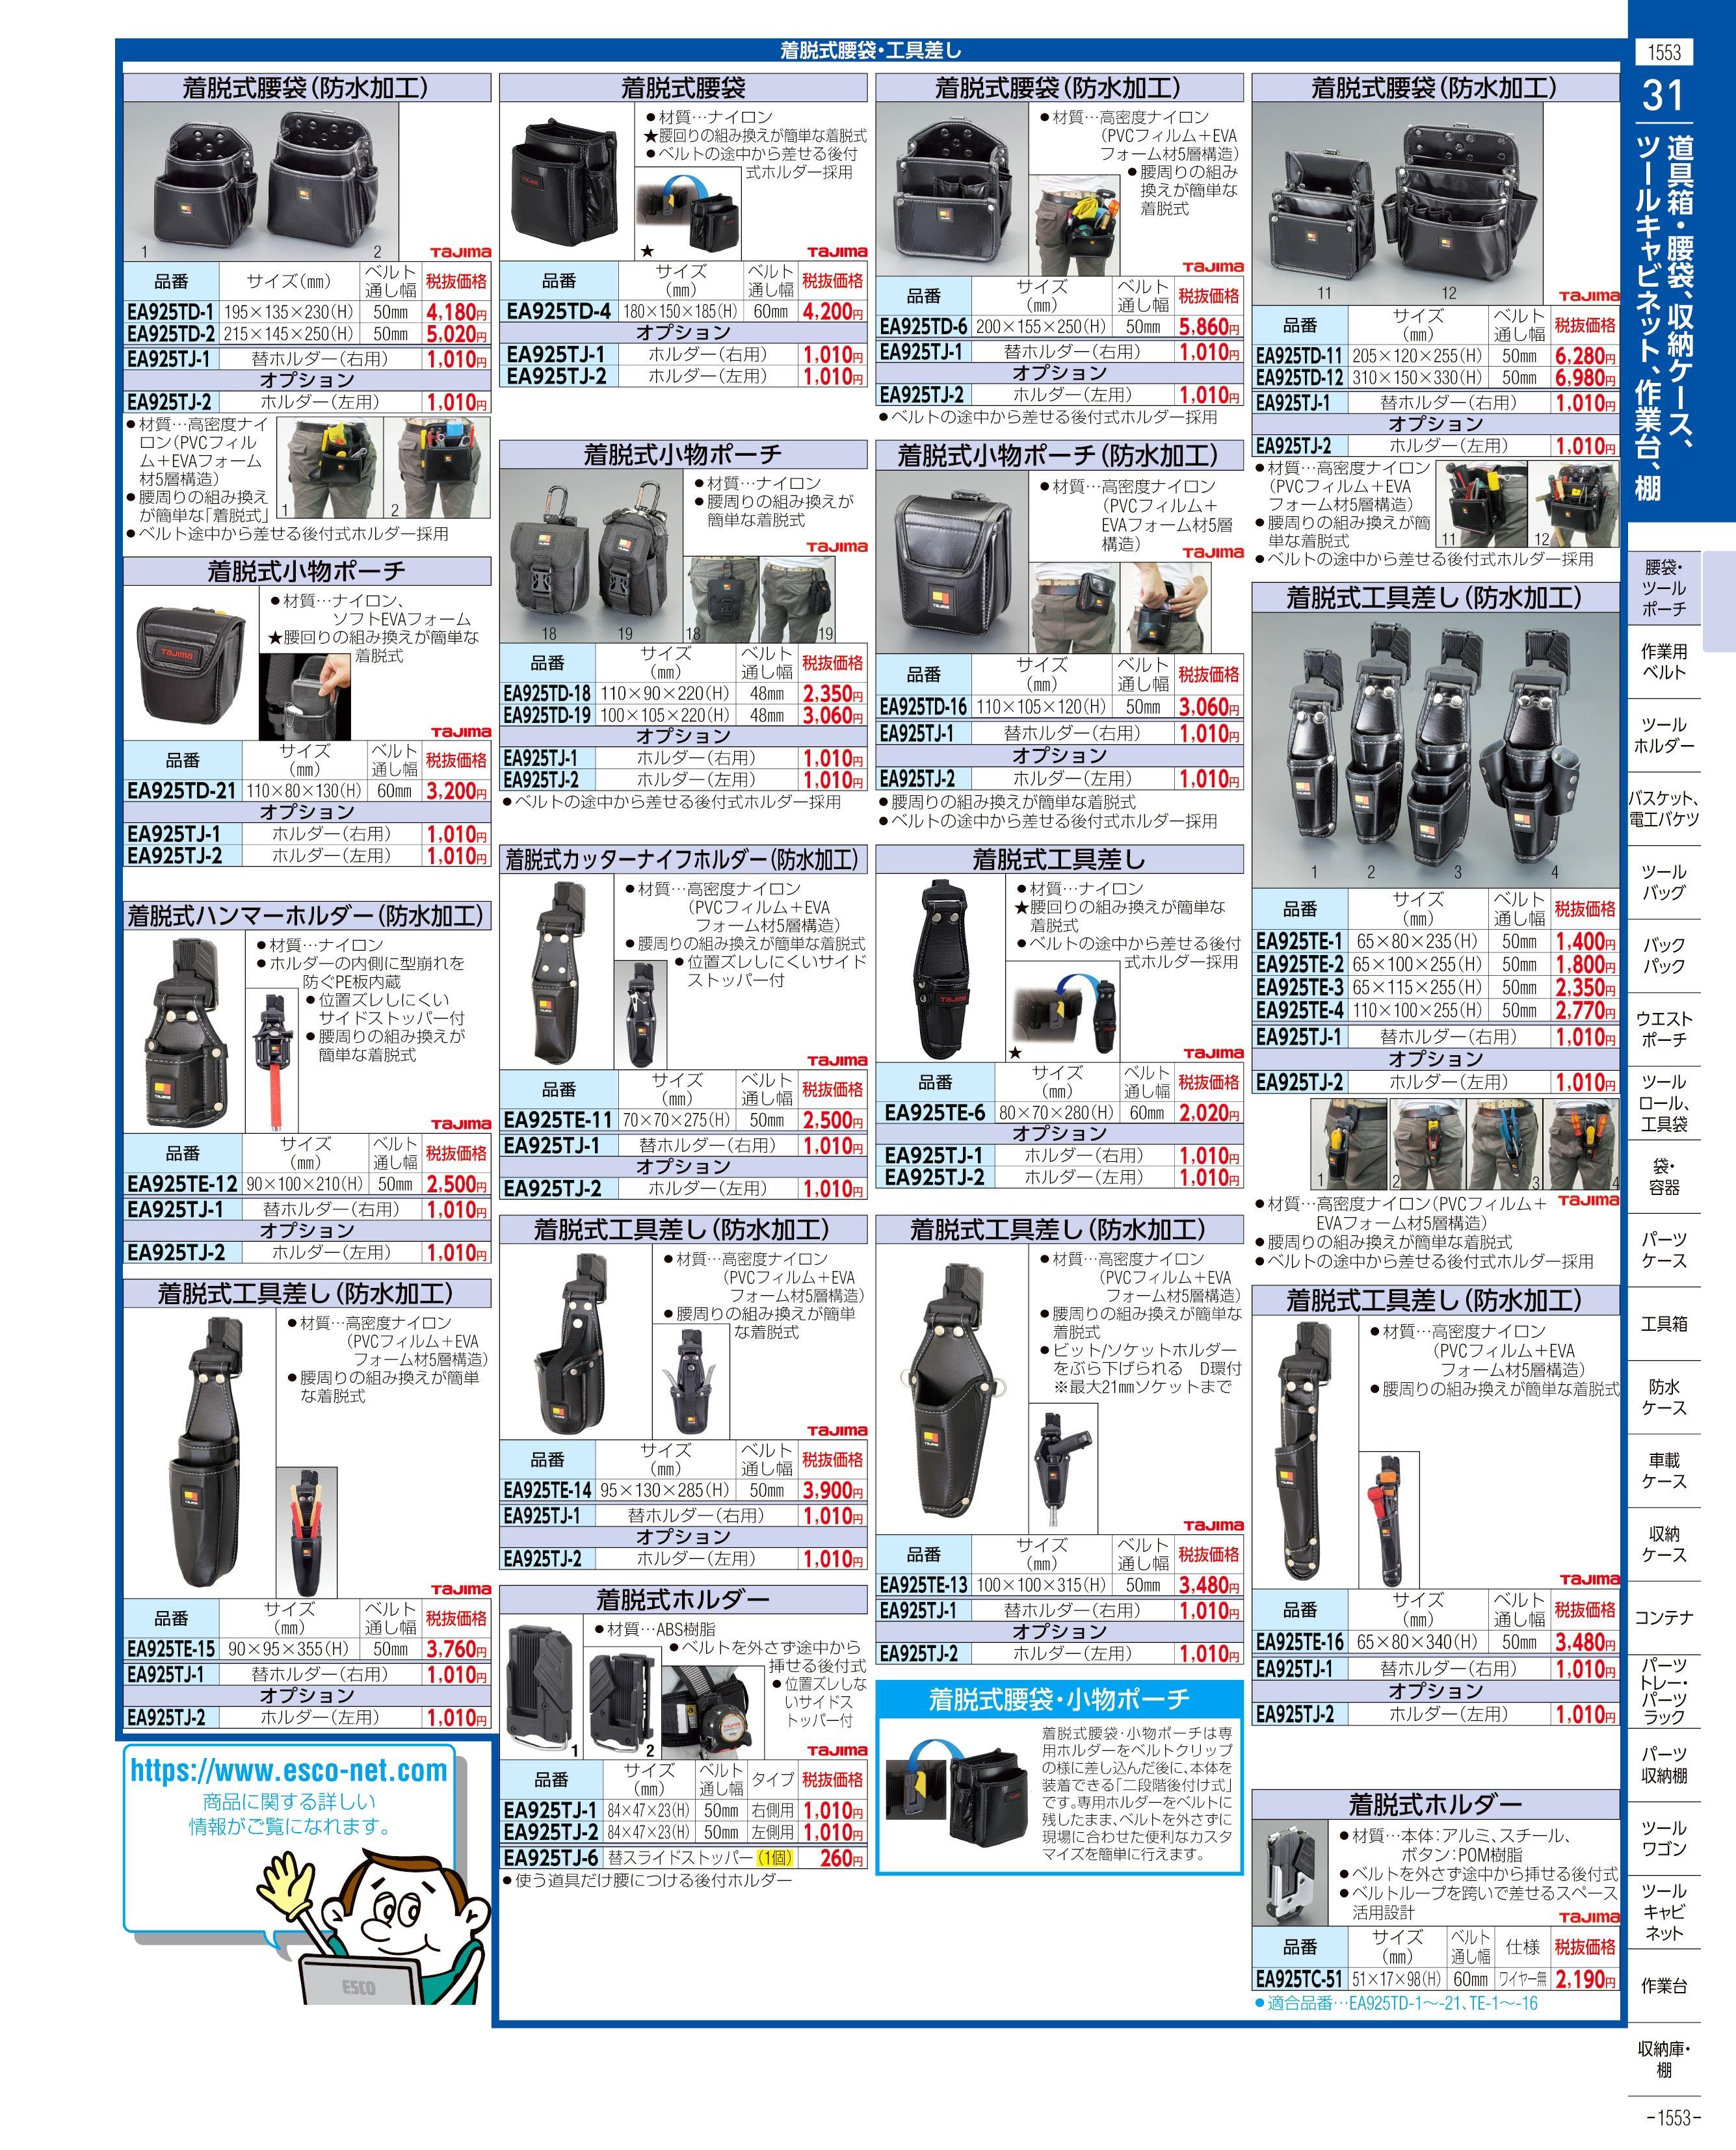 エスコ便利カタログ1553ページ